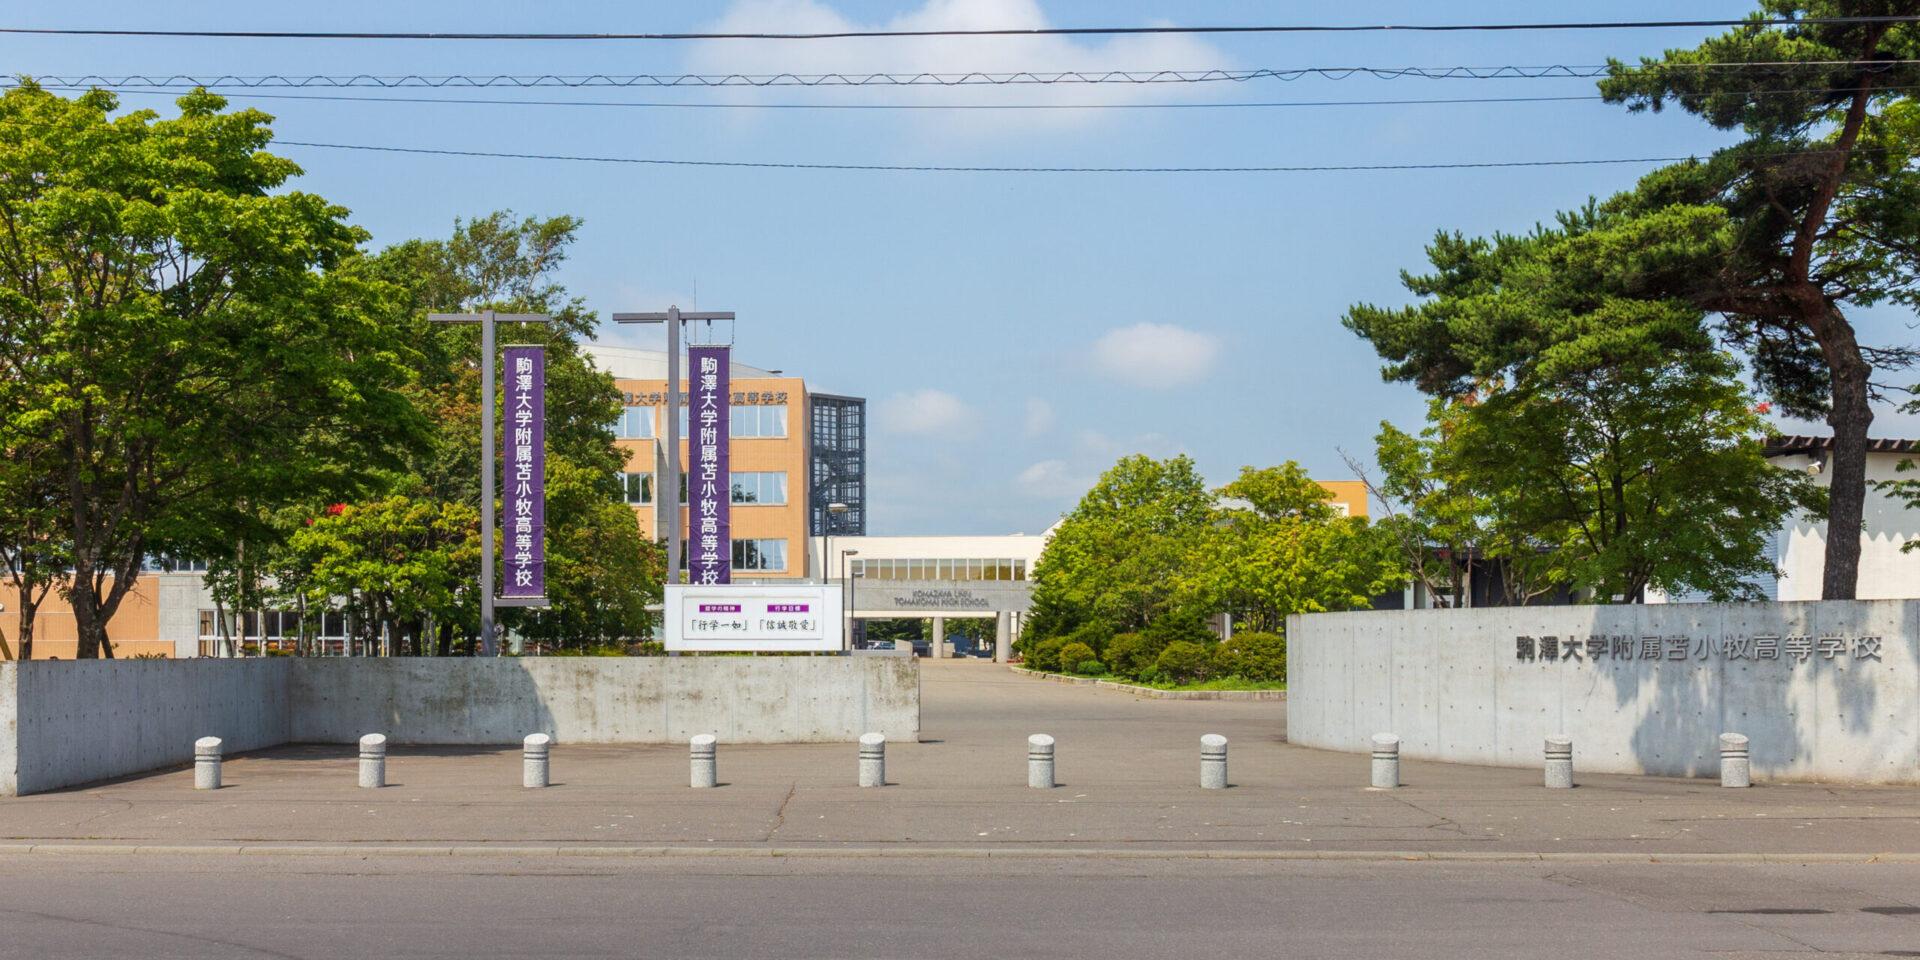 駒澤大学附属苫小牧高校の外観画像